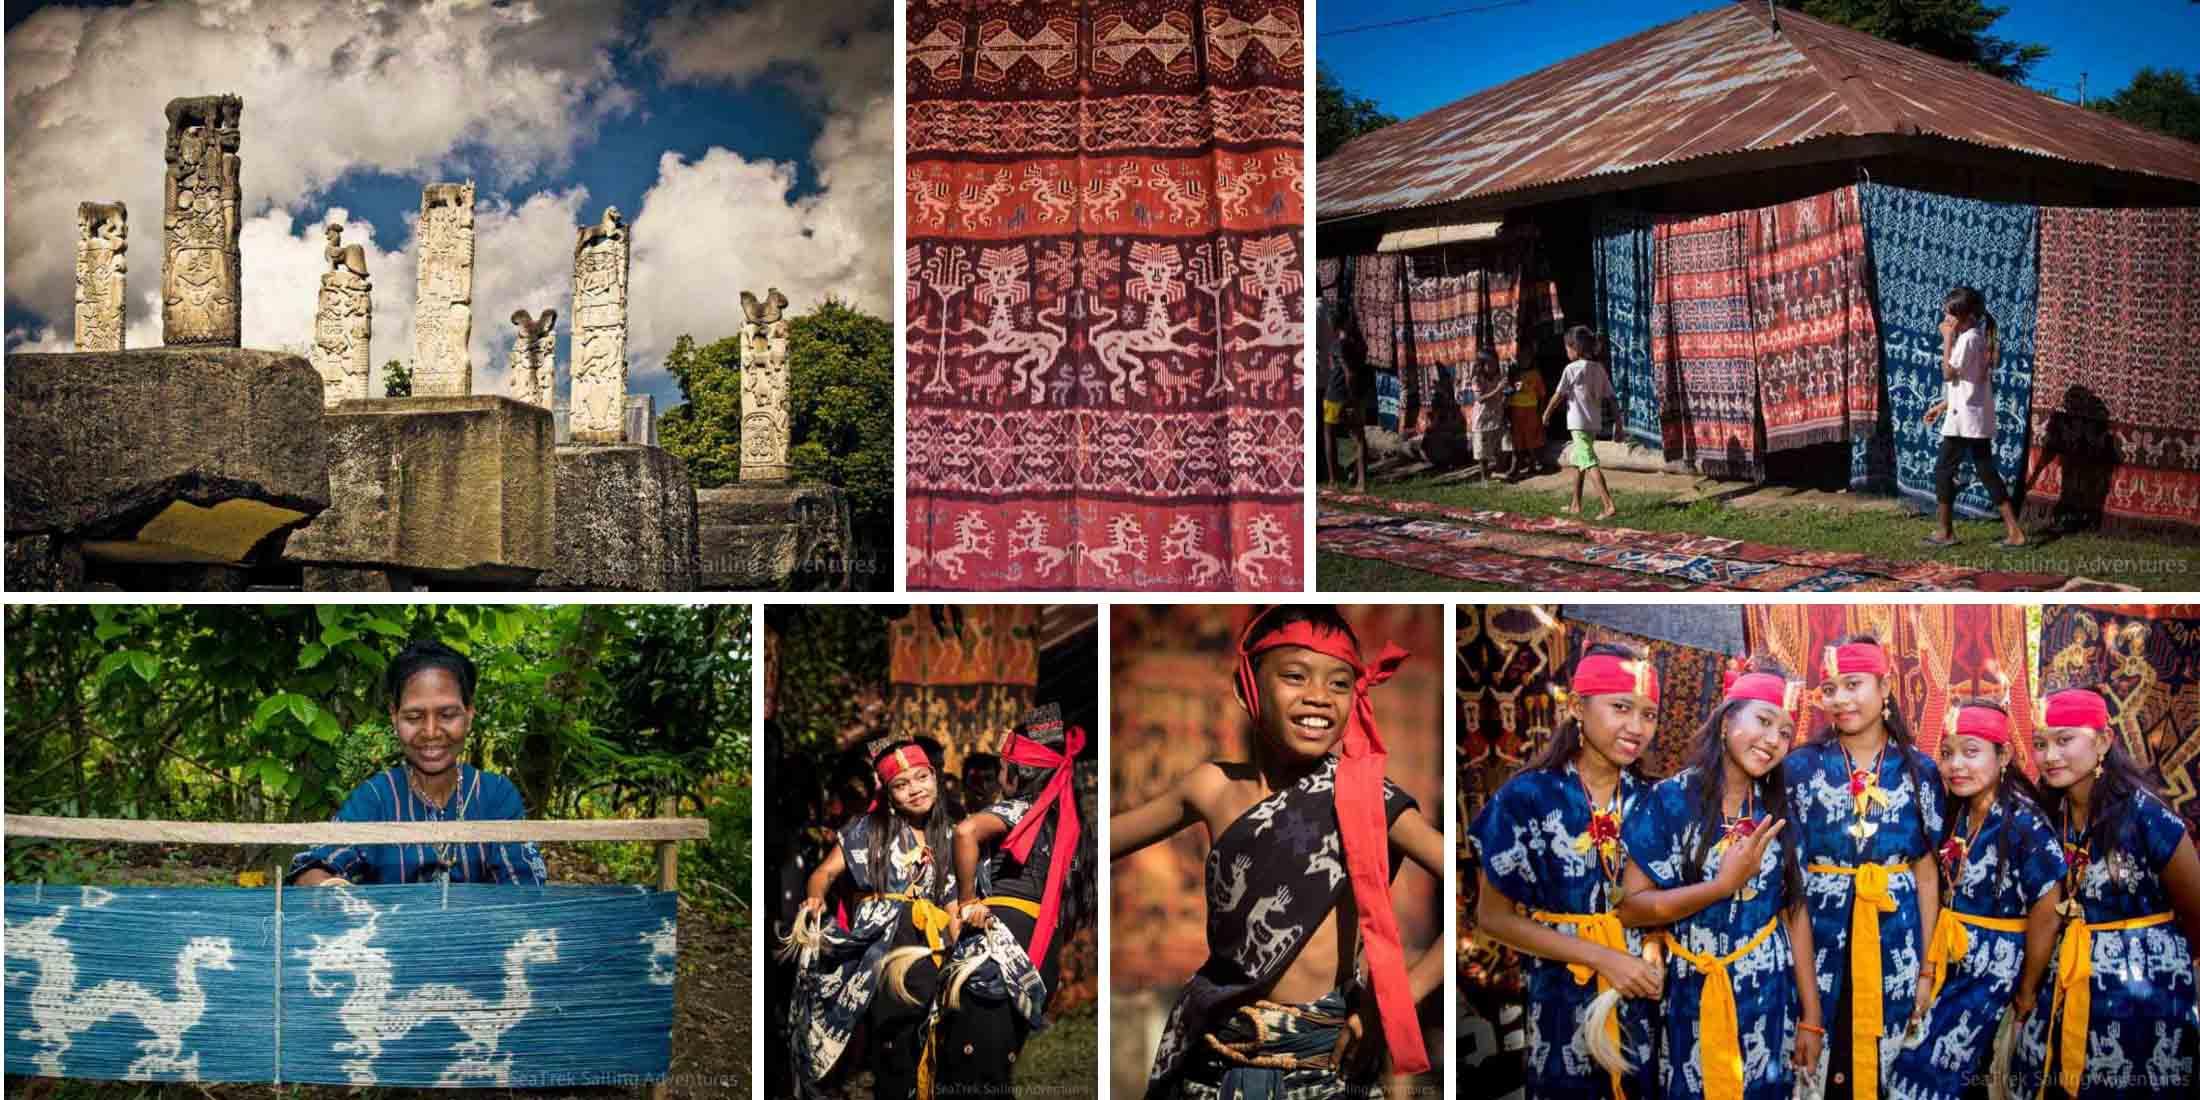 tribal-weaving-of-the-lesser-sunda-islands-2